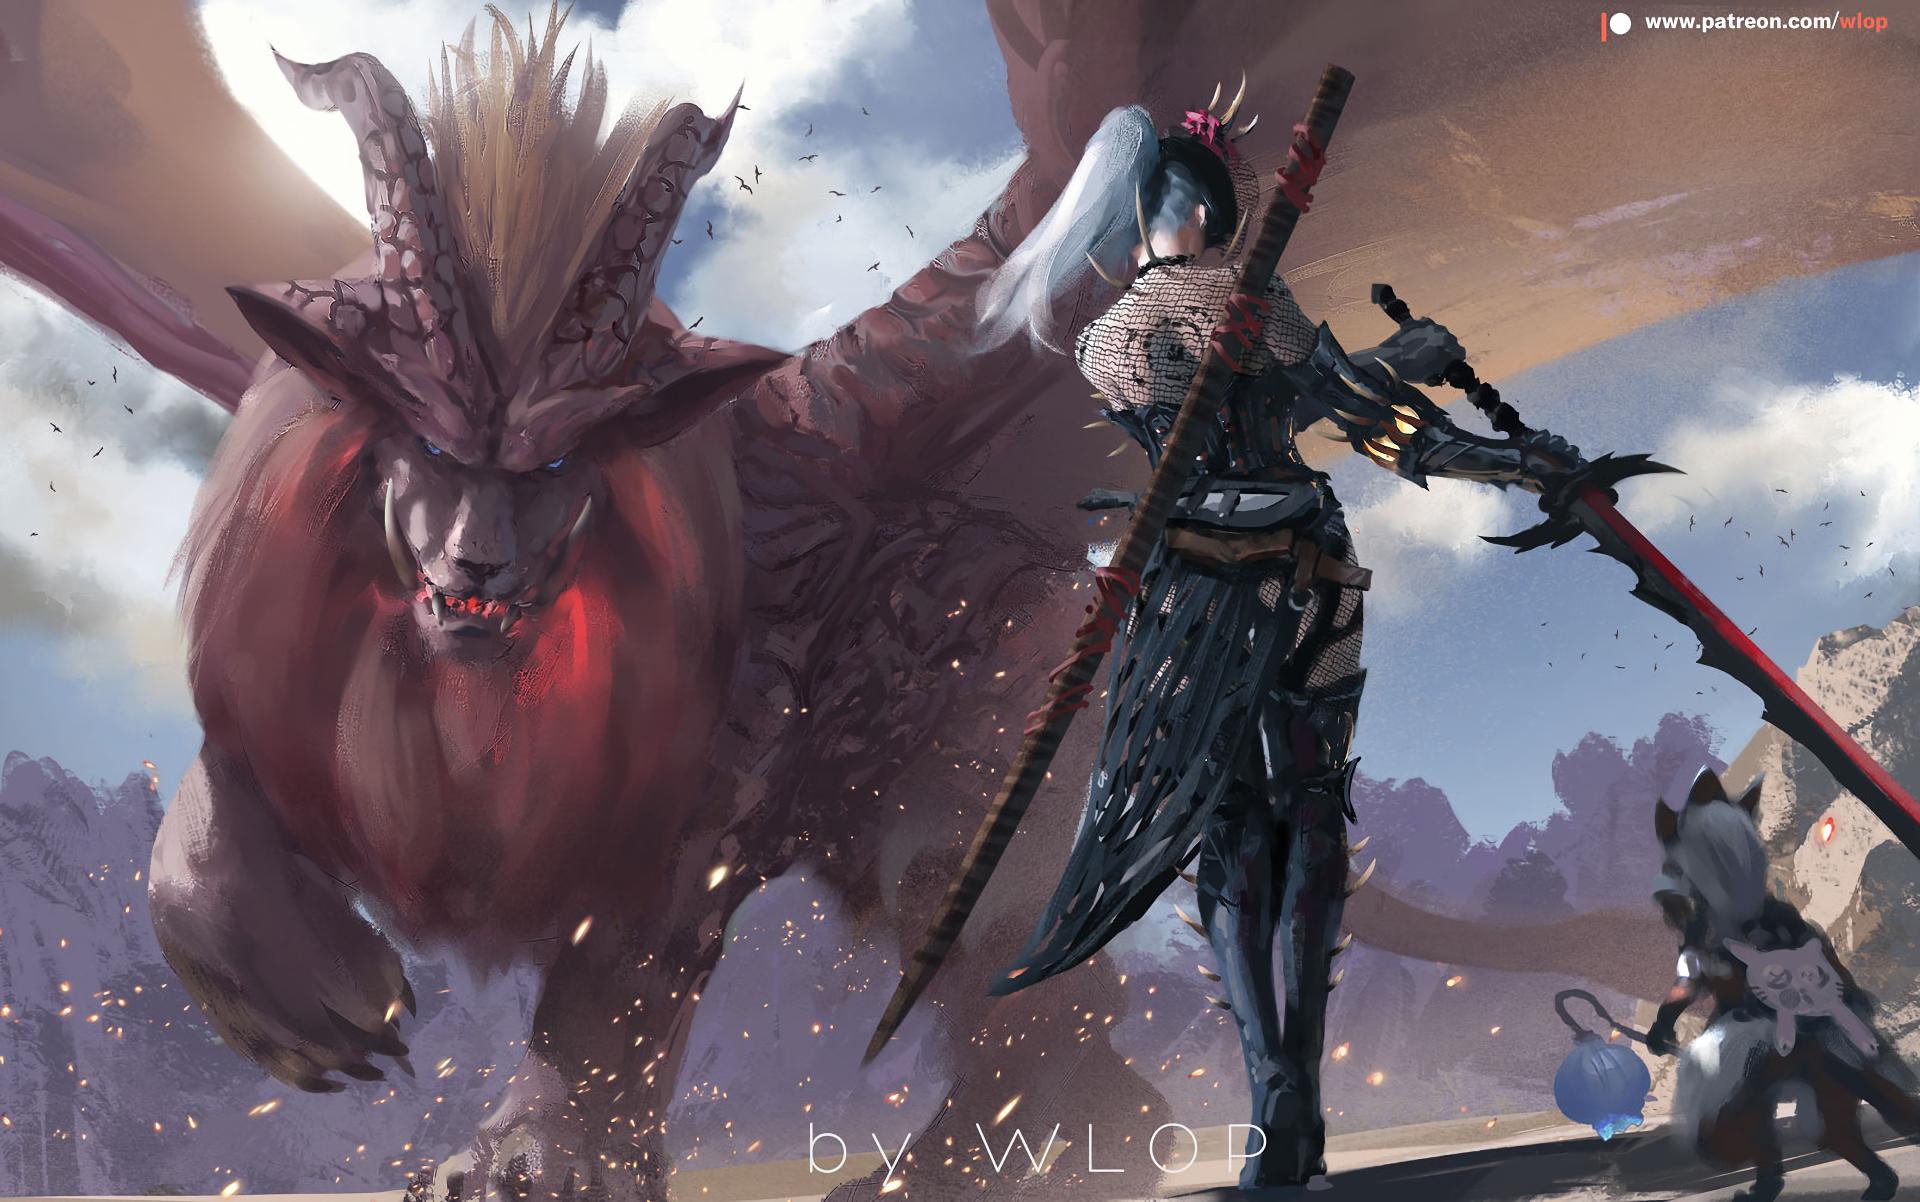 monster-hunter-world-wallpaper-zuu-12